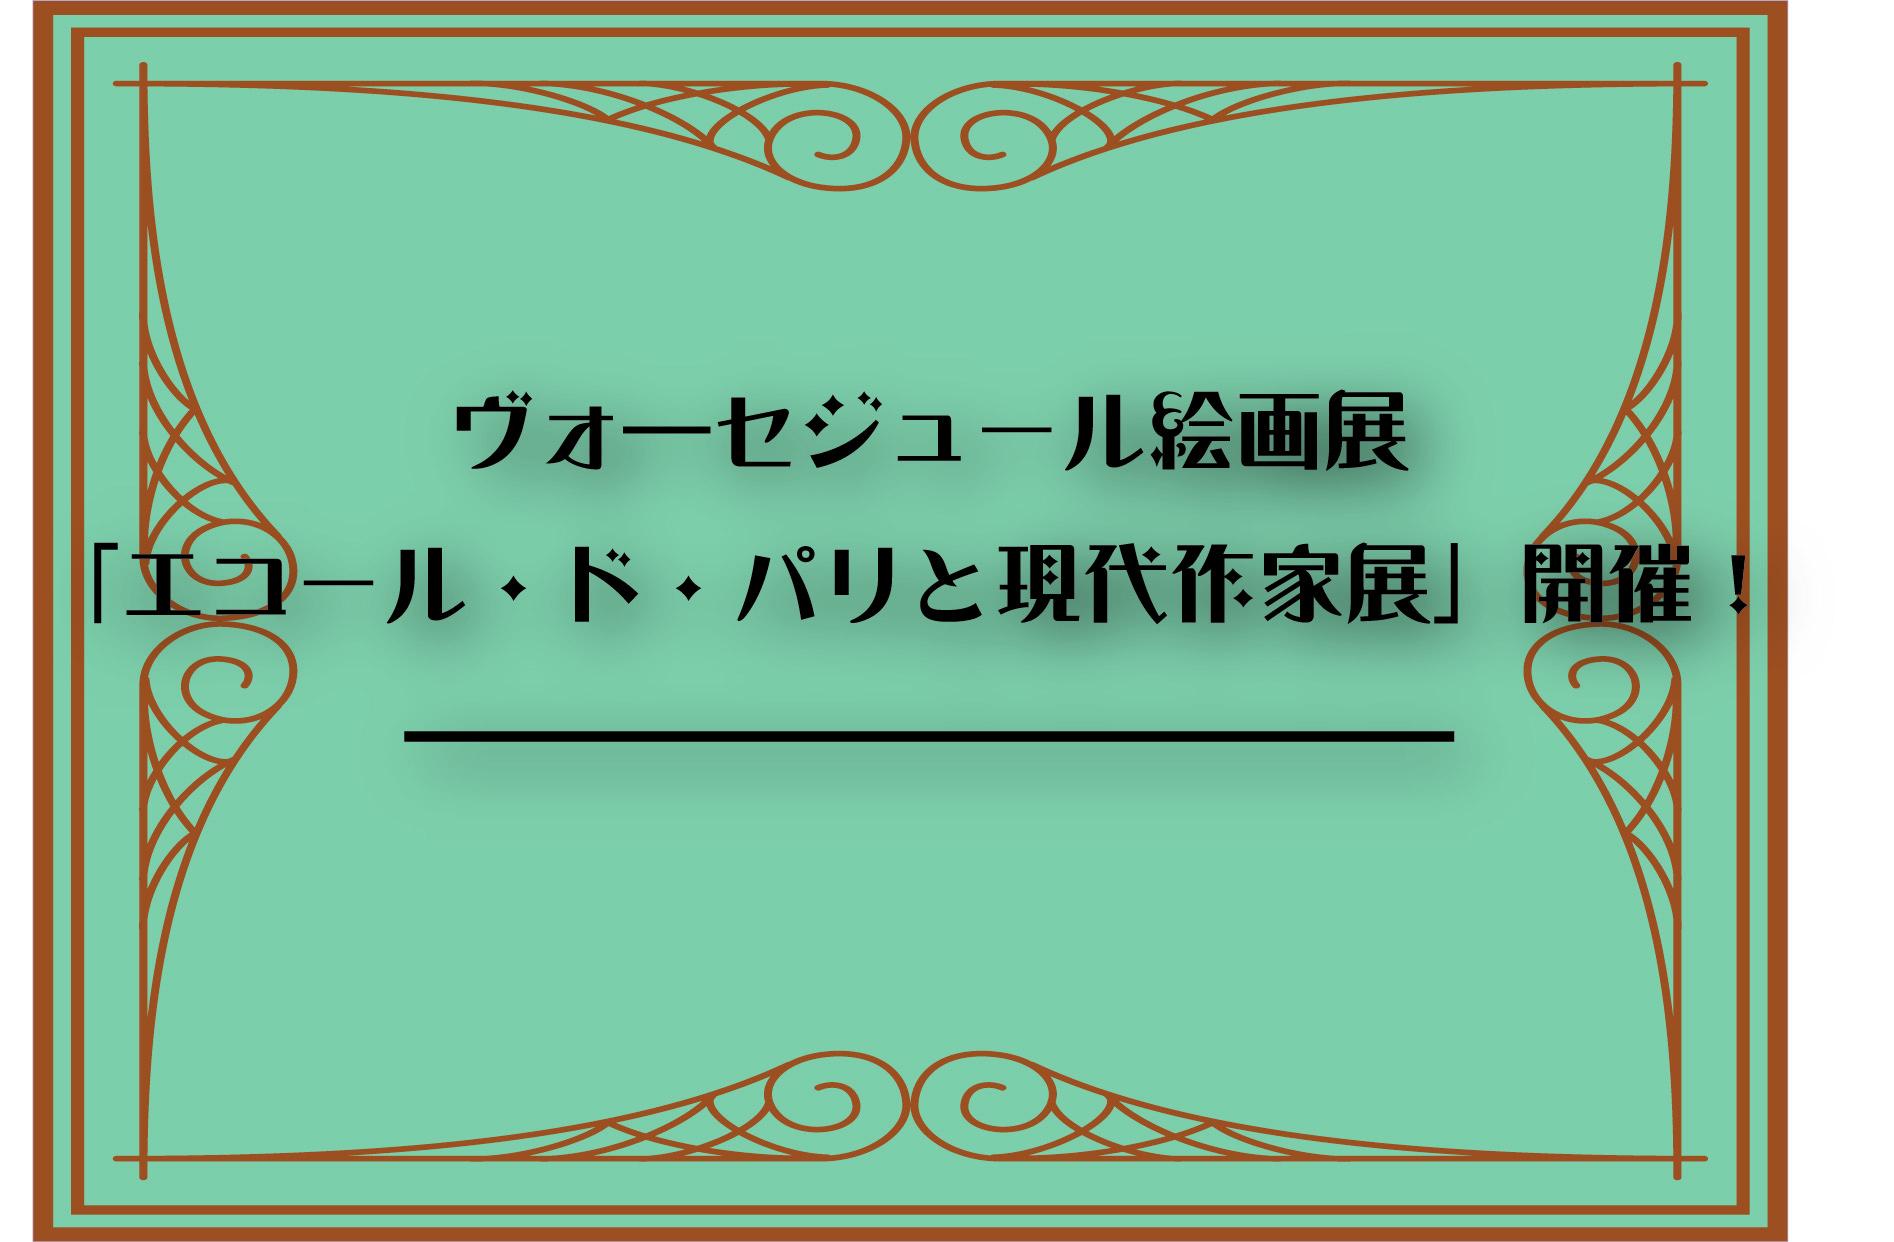 紀伊國屋書店:【ヴォ―セジュール絵画展】「エコール・ド・パリと現代作家展」開催!